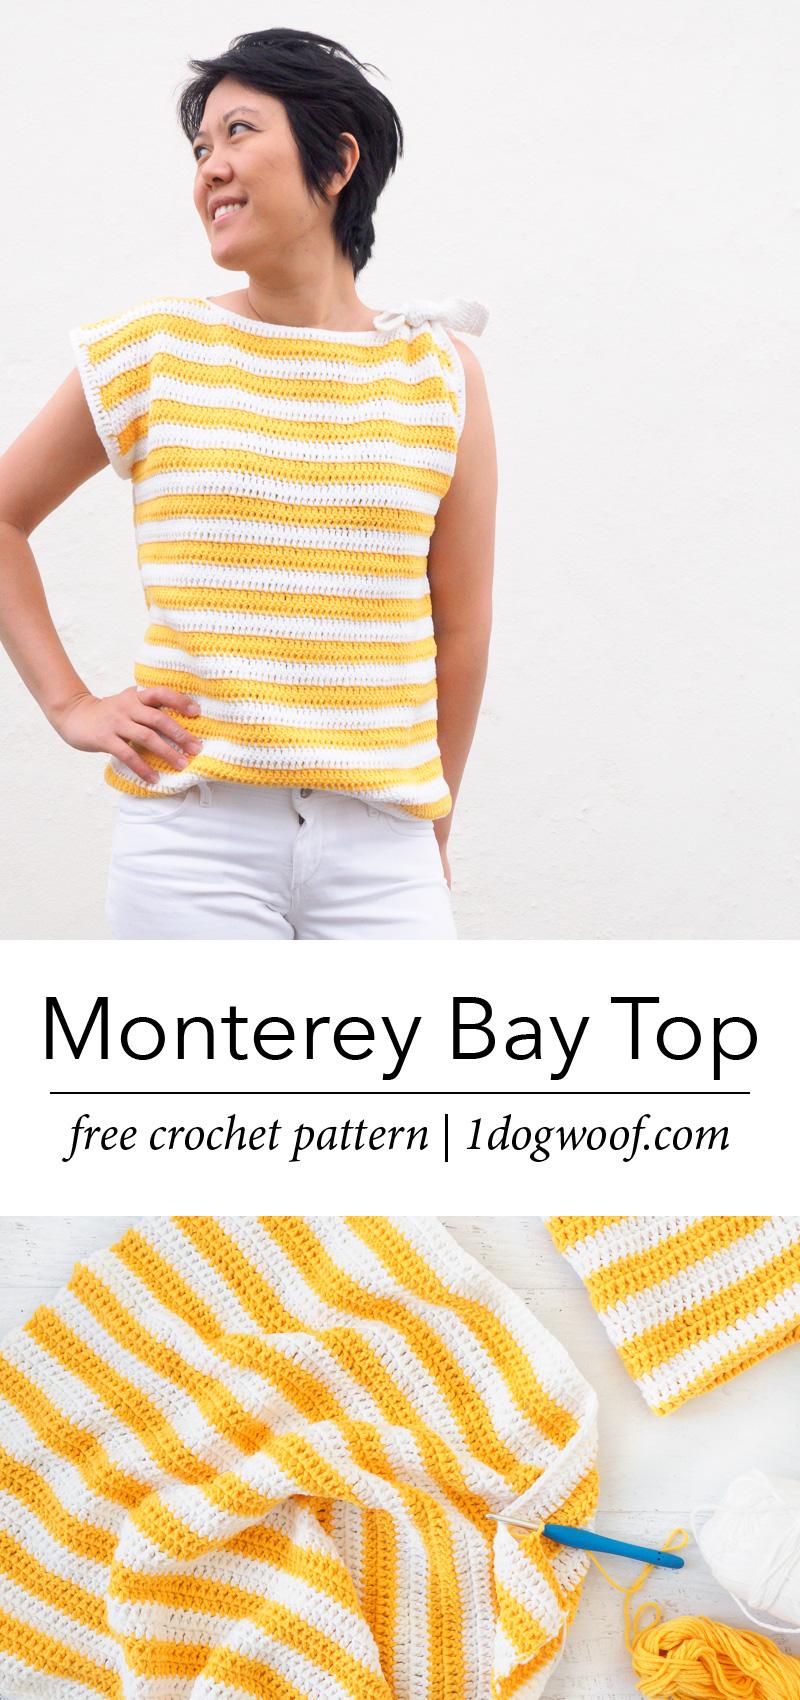 Monterey Bay pin image